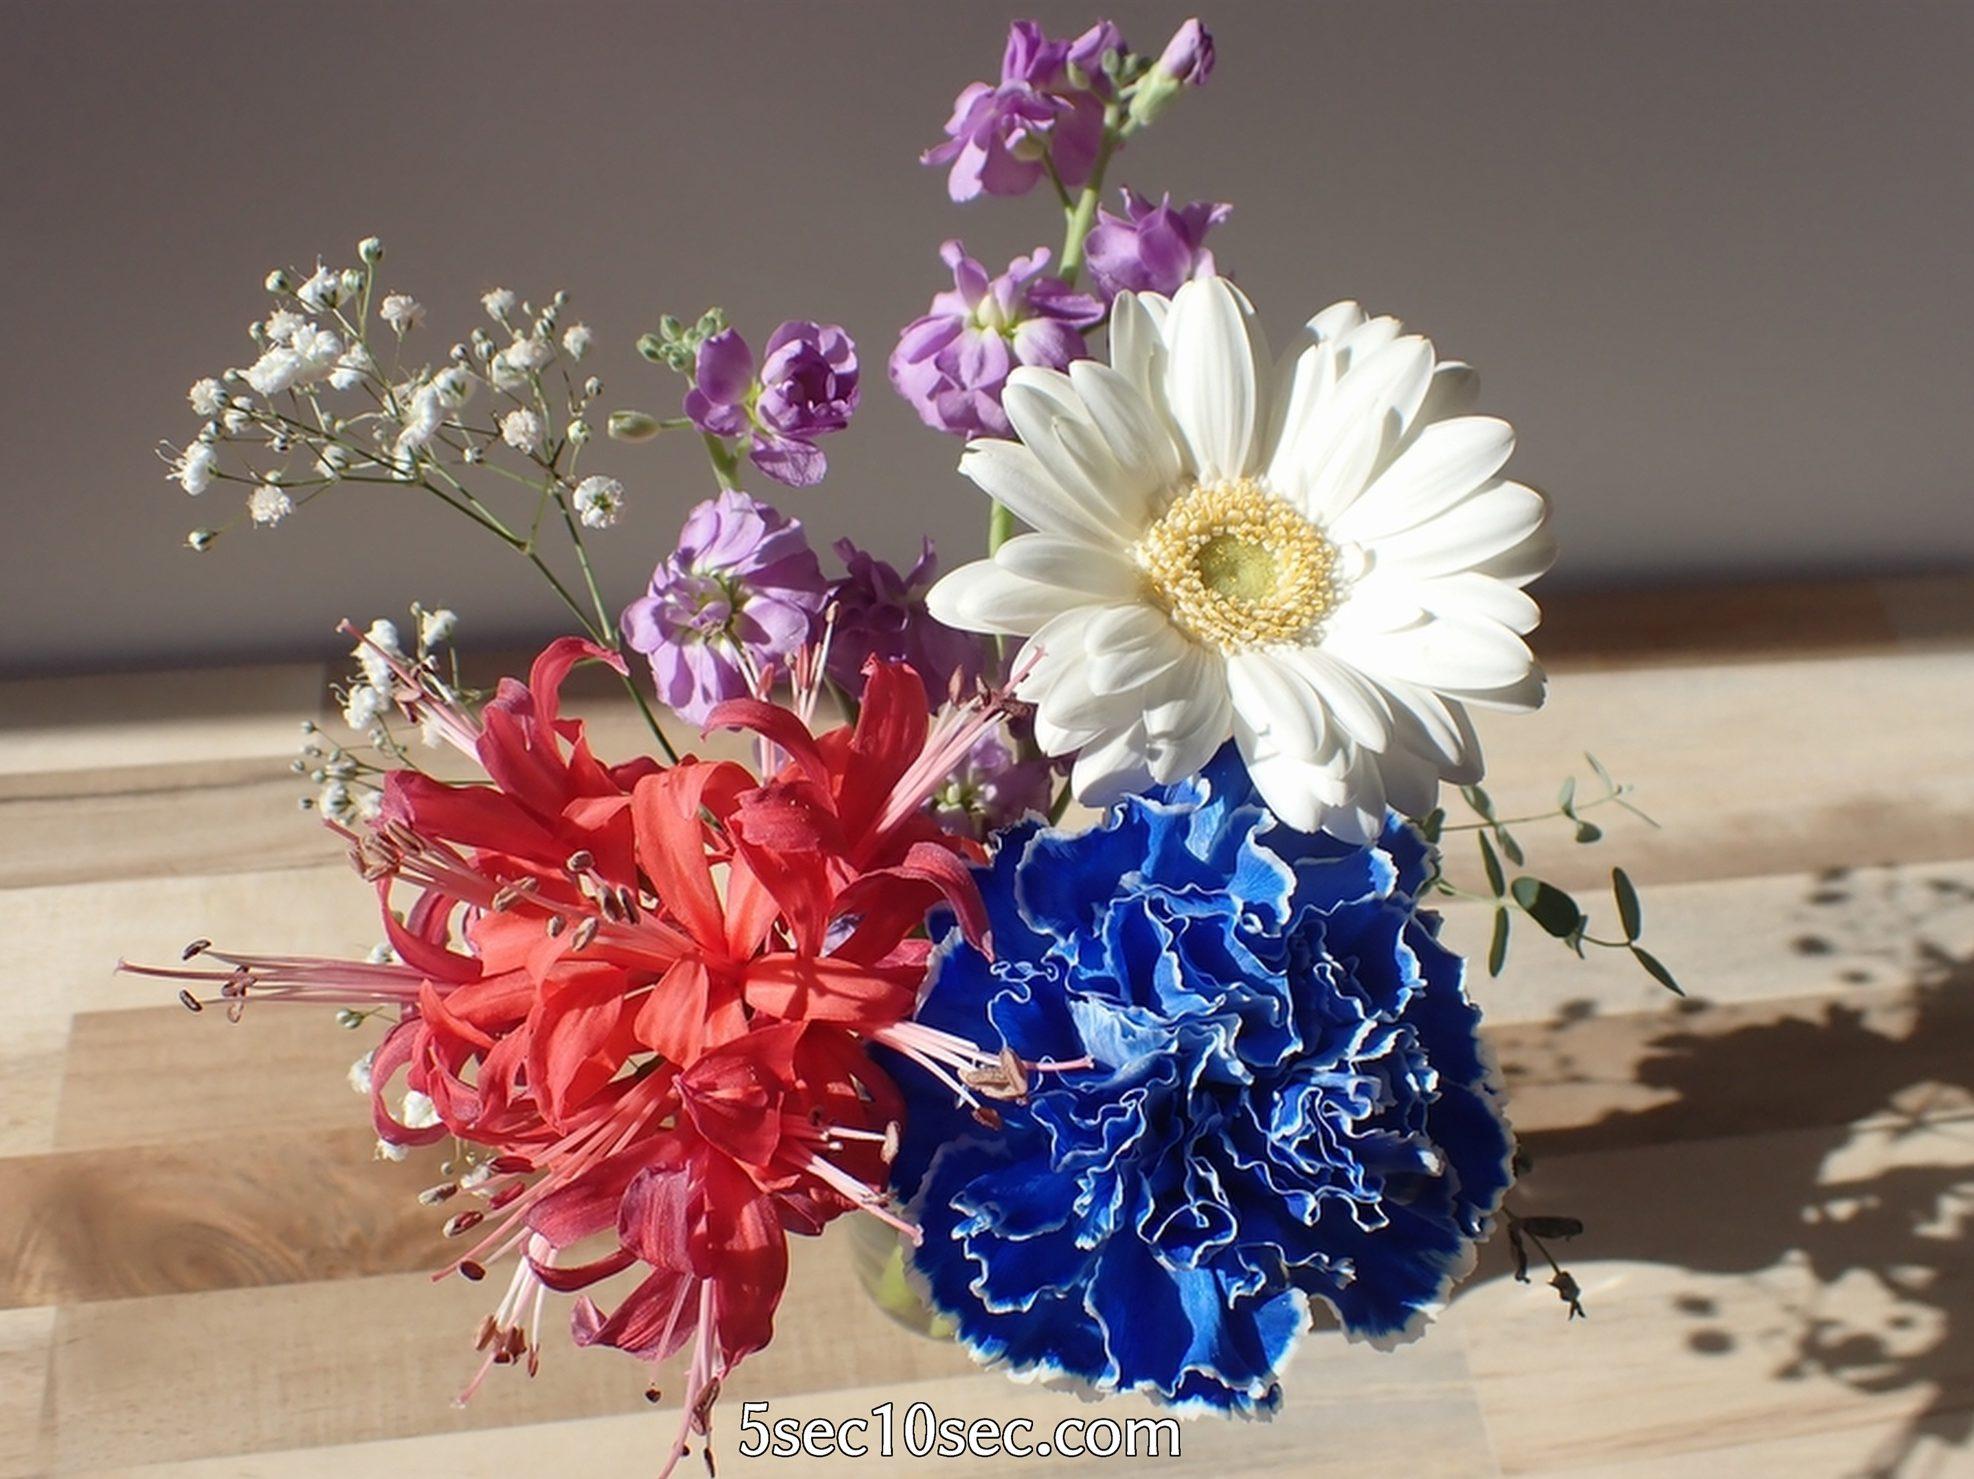 株式会社Crunch Style お花の定期便 Bloomee LIFE ブルーミーライフ 10日経っても綺麗な状態です、2週間は持つと思います